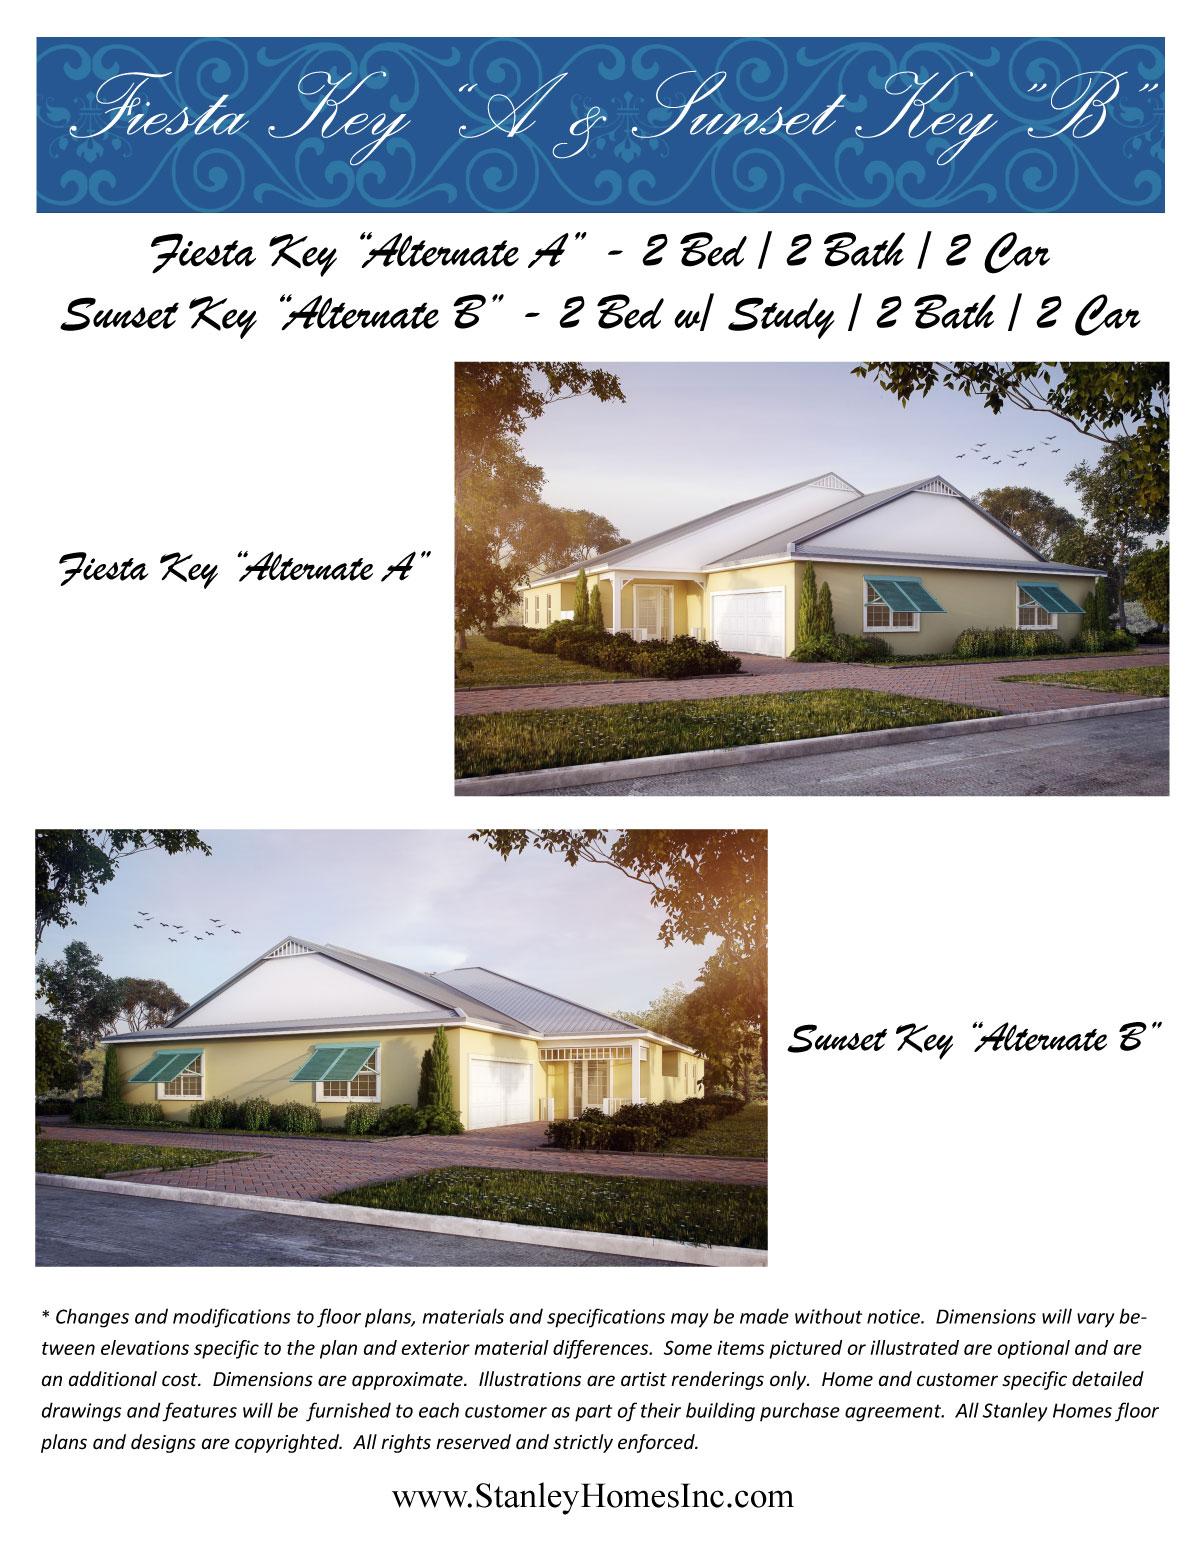 Fiesta and Sunset Key Floor plan brocure Stanley Homes Brevard FL